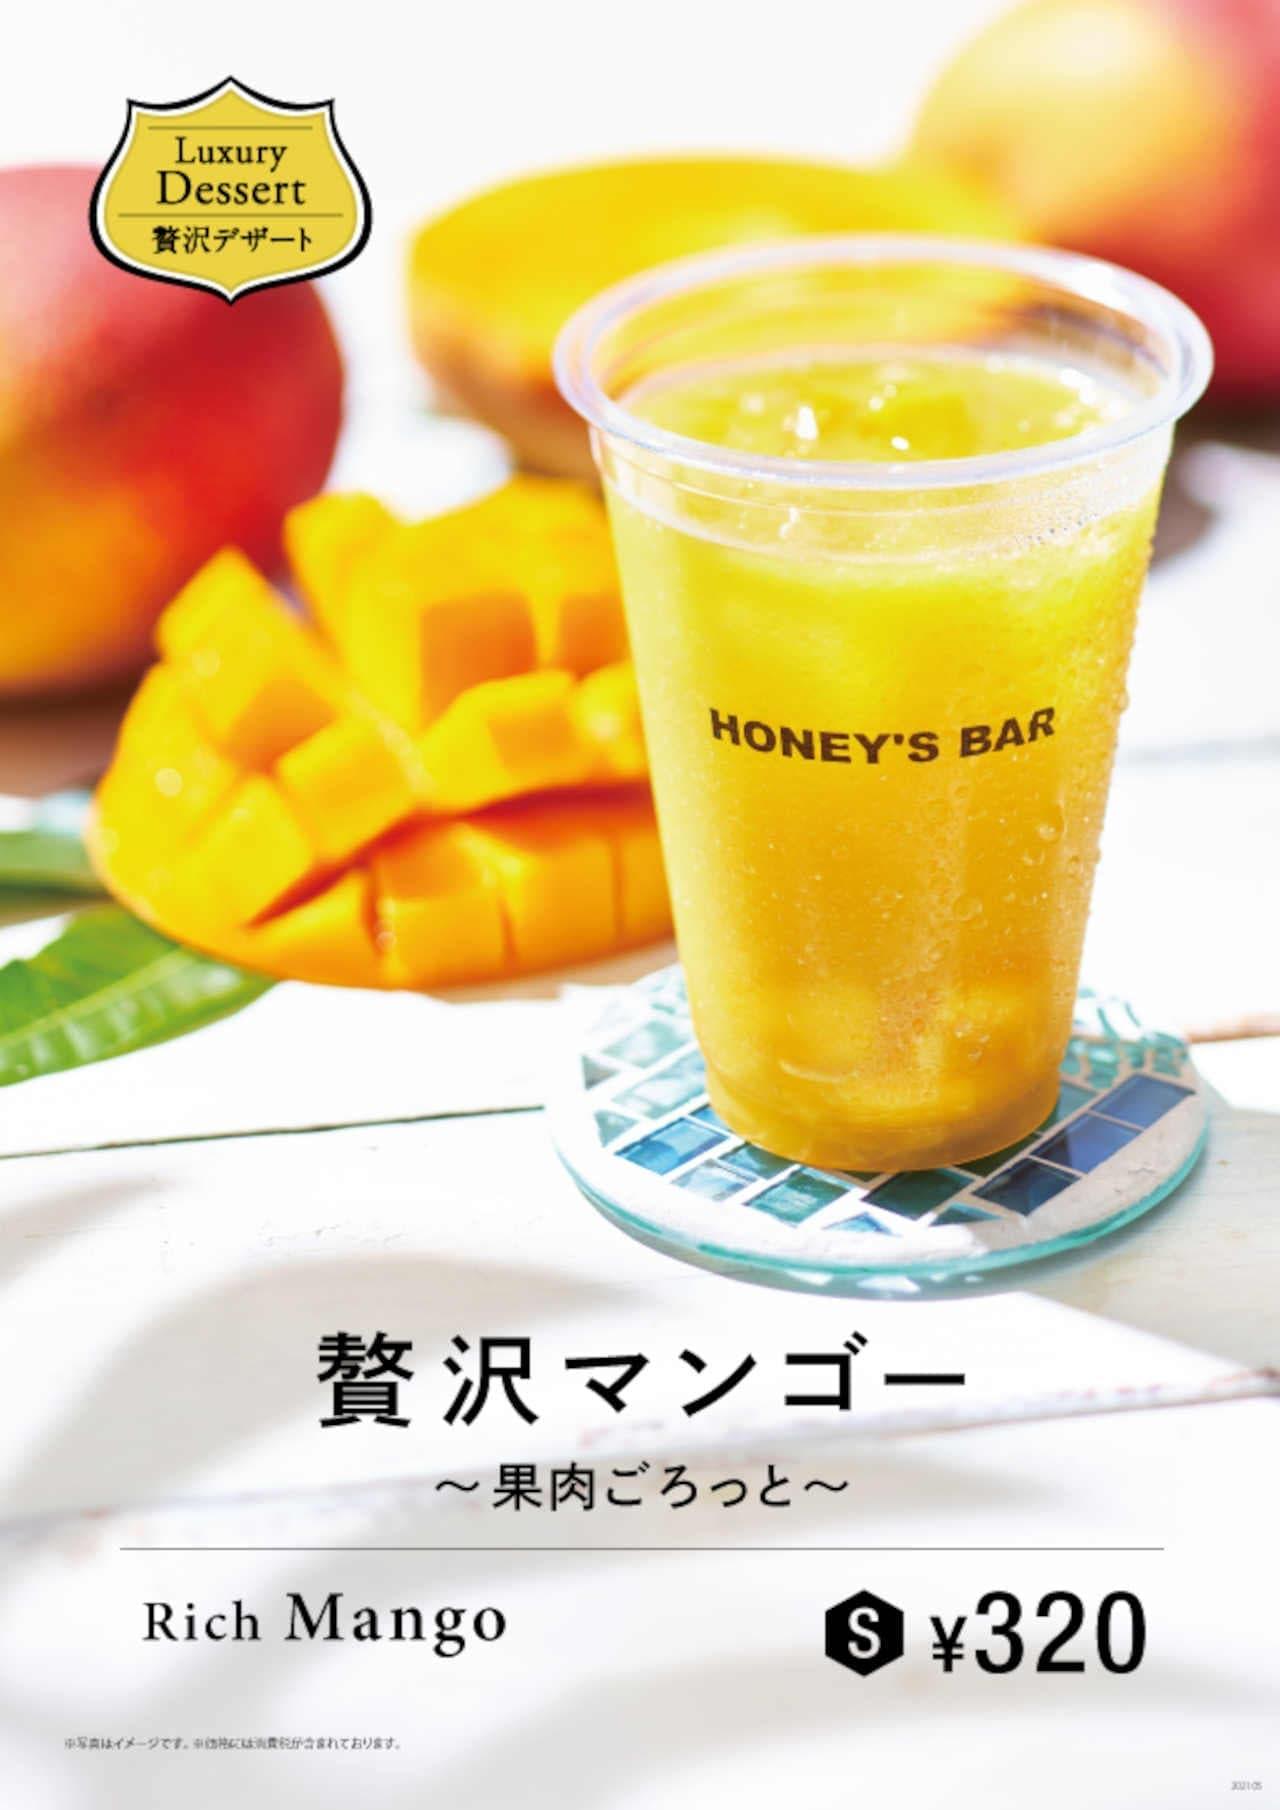 ハニーズバー「贅沢マンゴー~果肉ごろっと~」「バナナの王様 甘熟王」